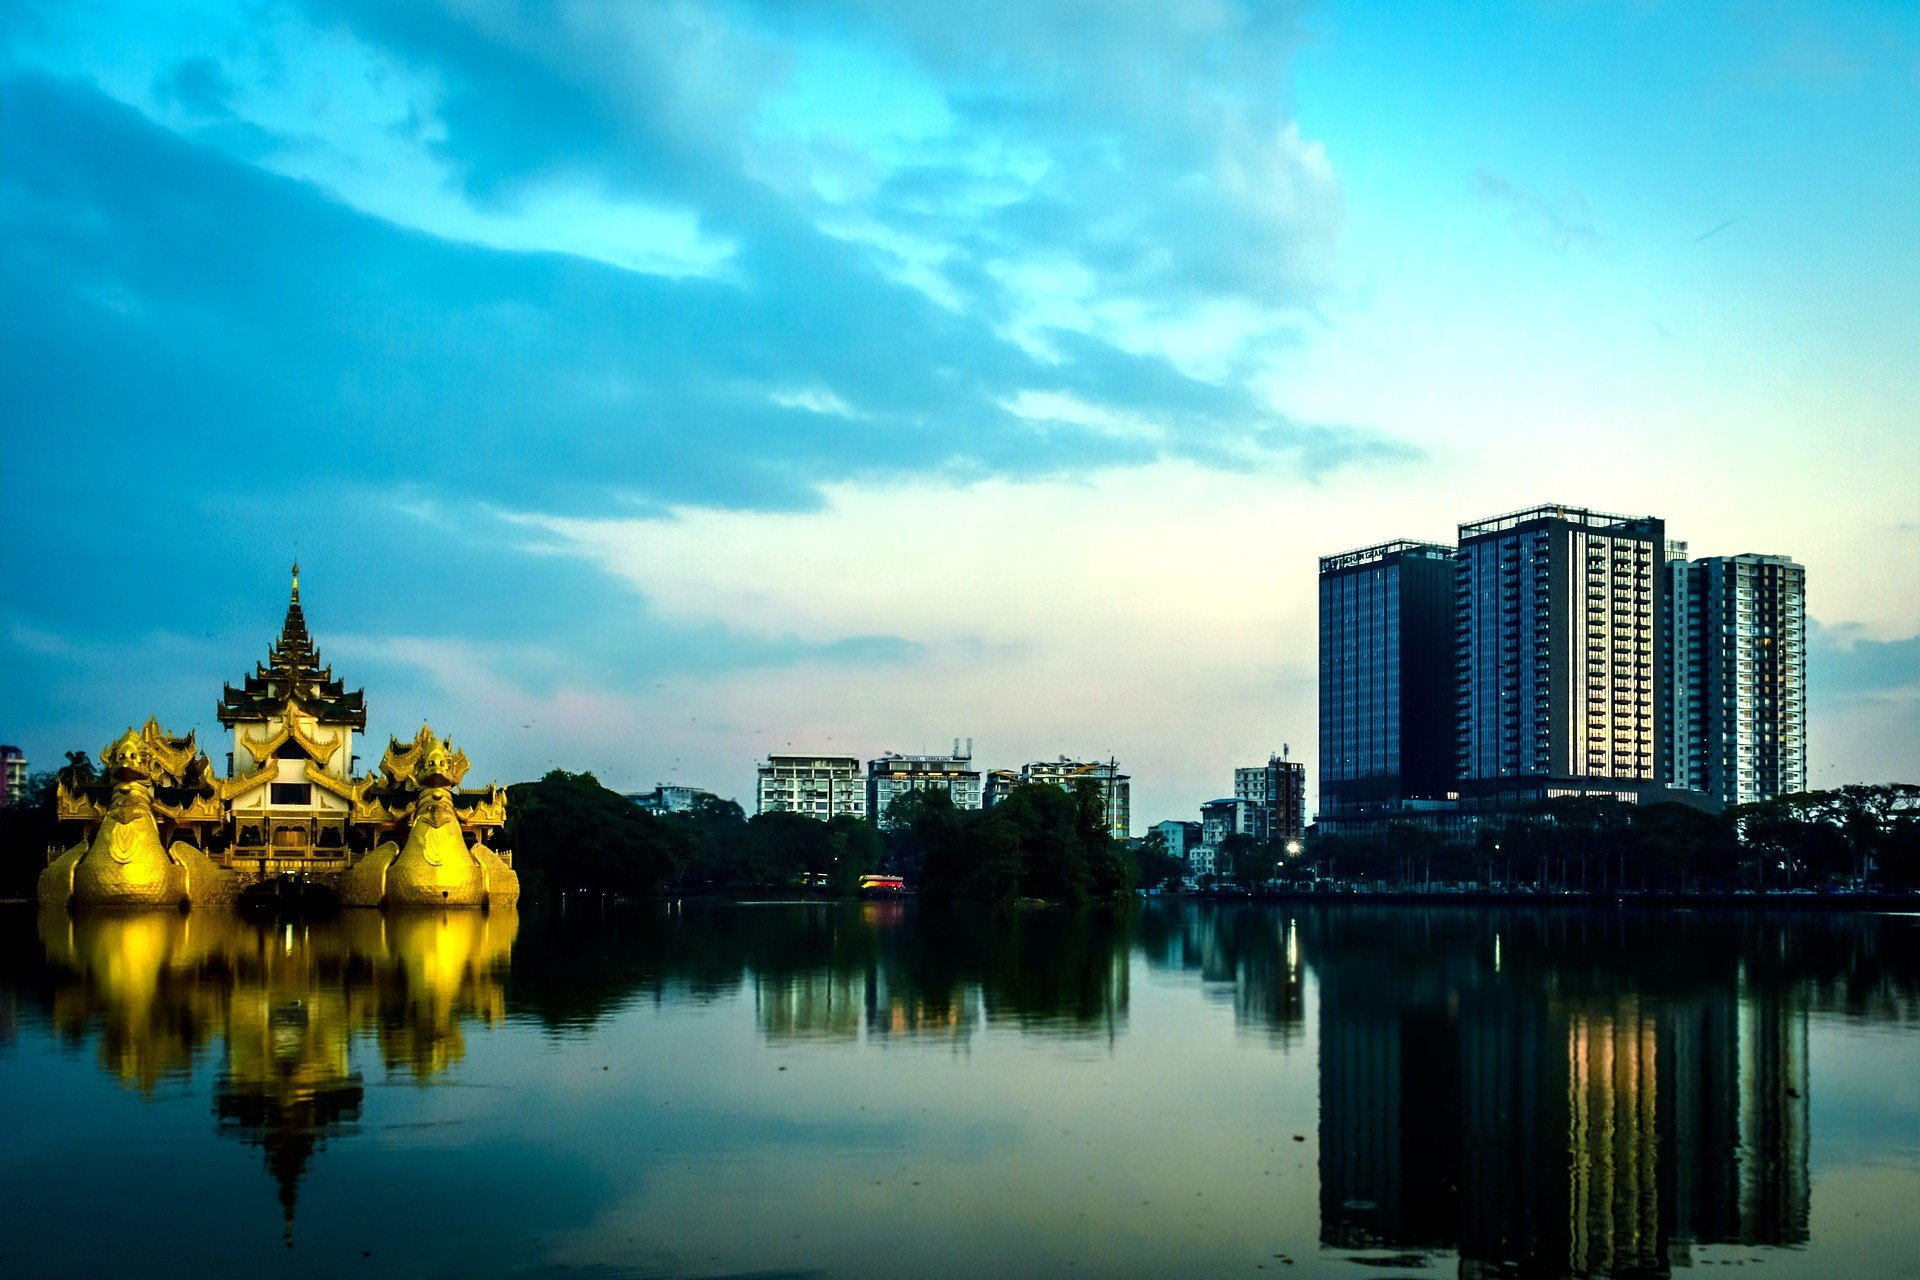 Kandawgyi Lake in Yangon